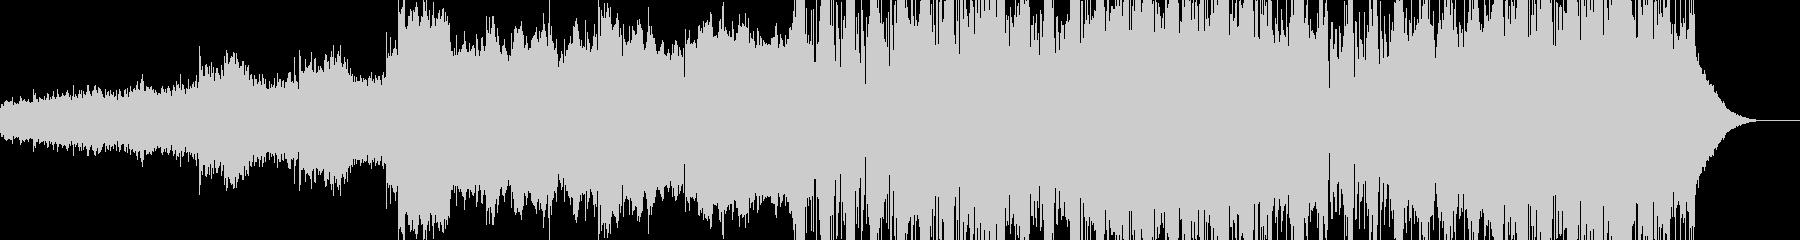 実験的 ロック ポストロック アン...の未再生の波形